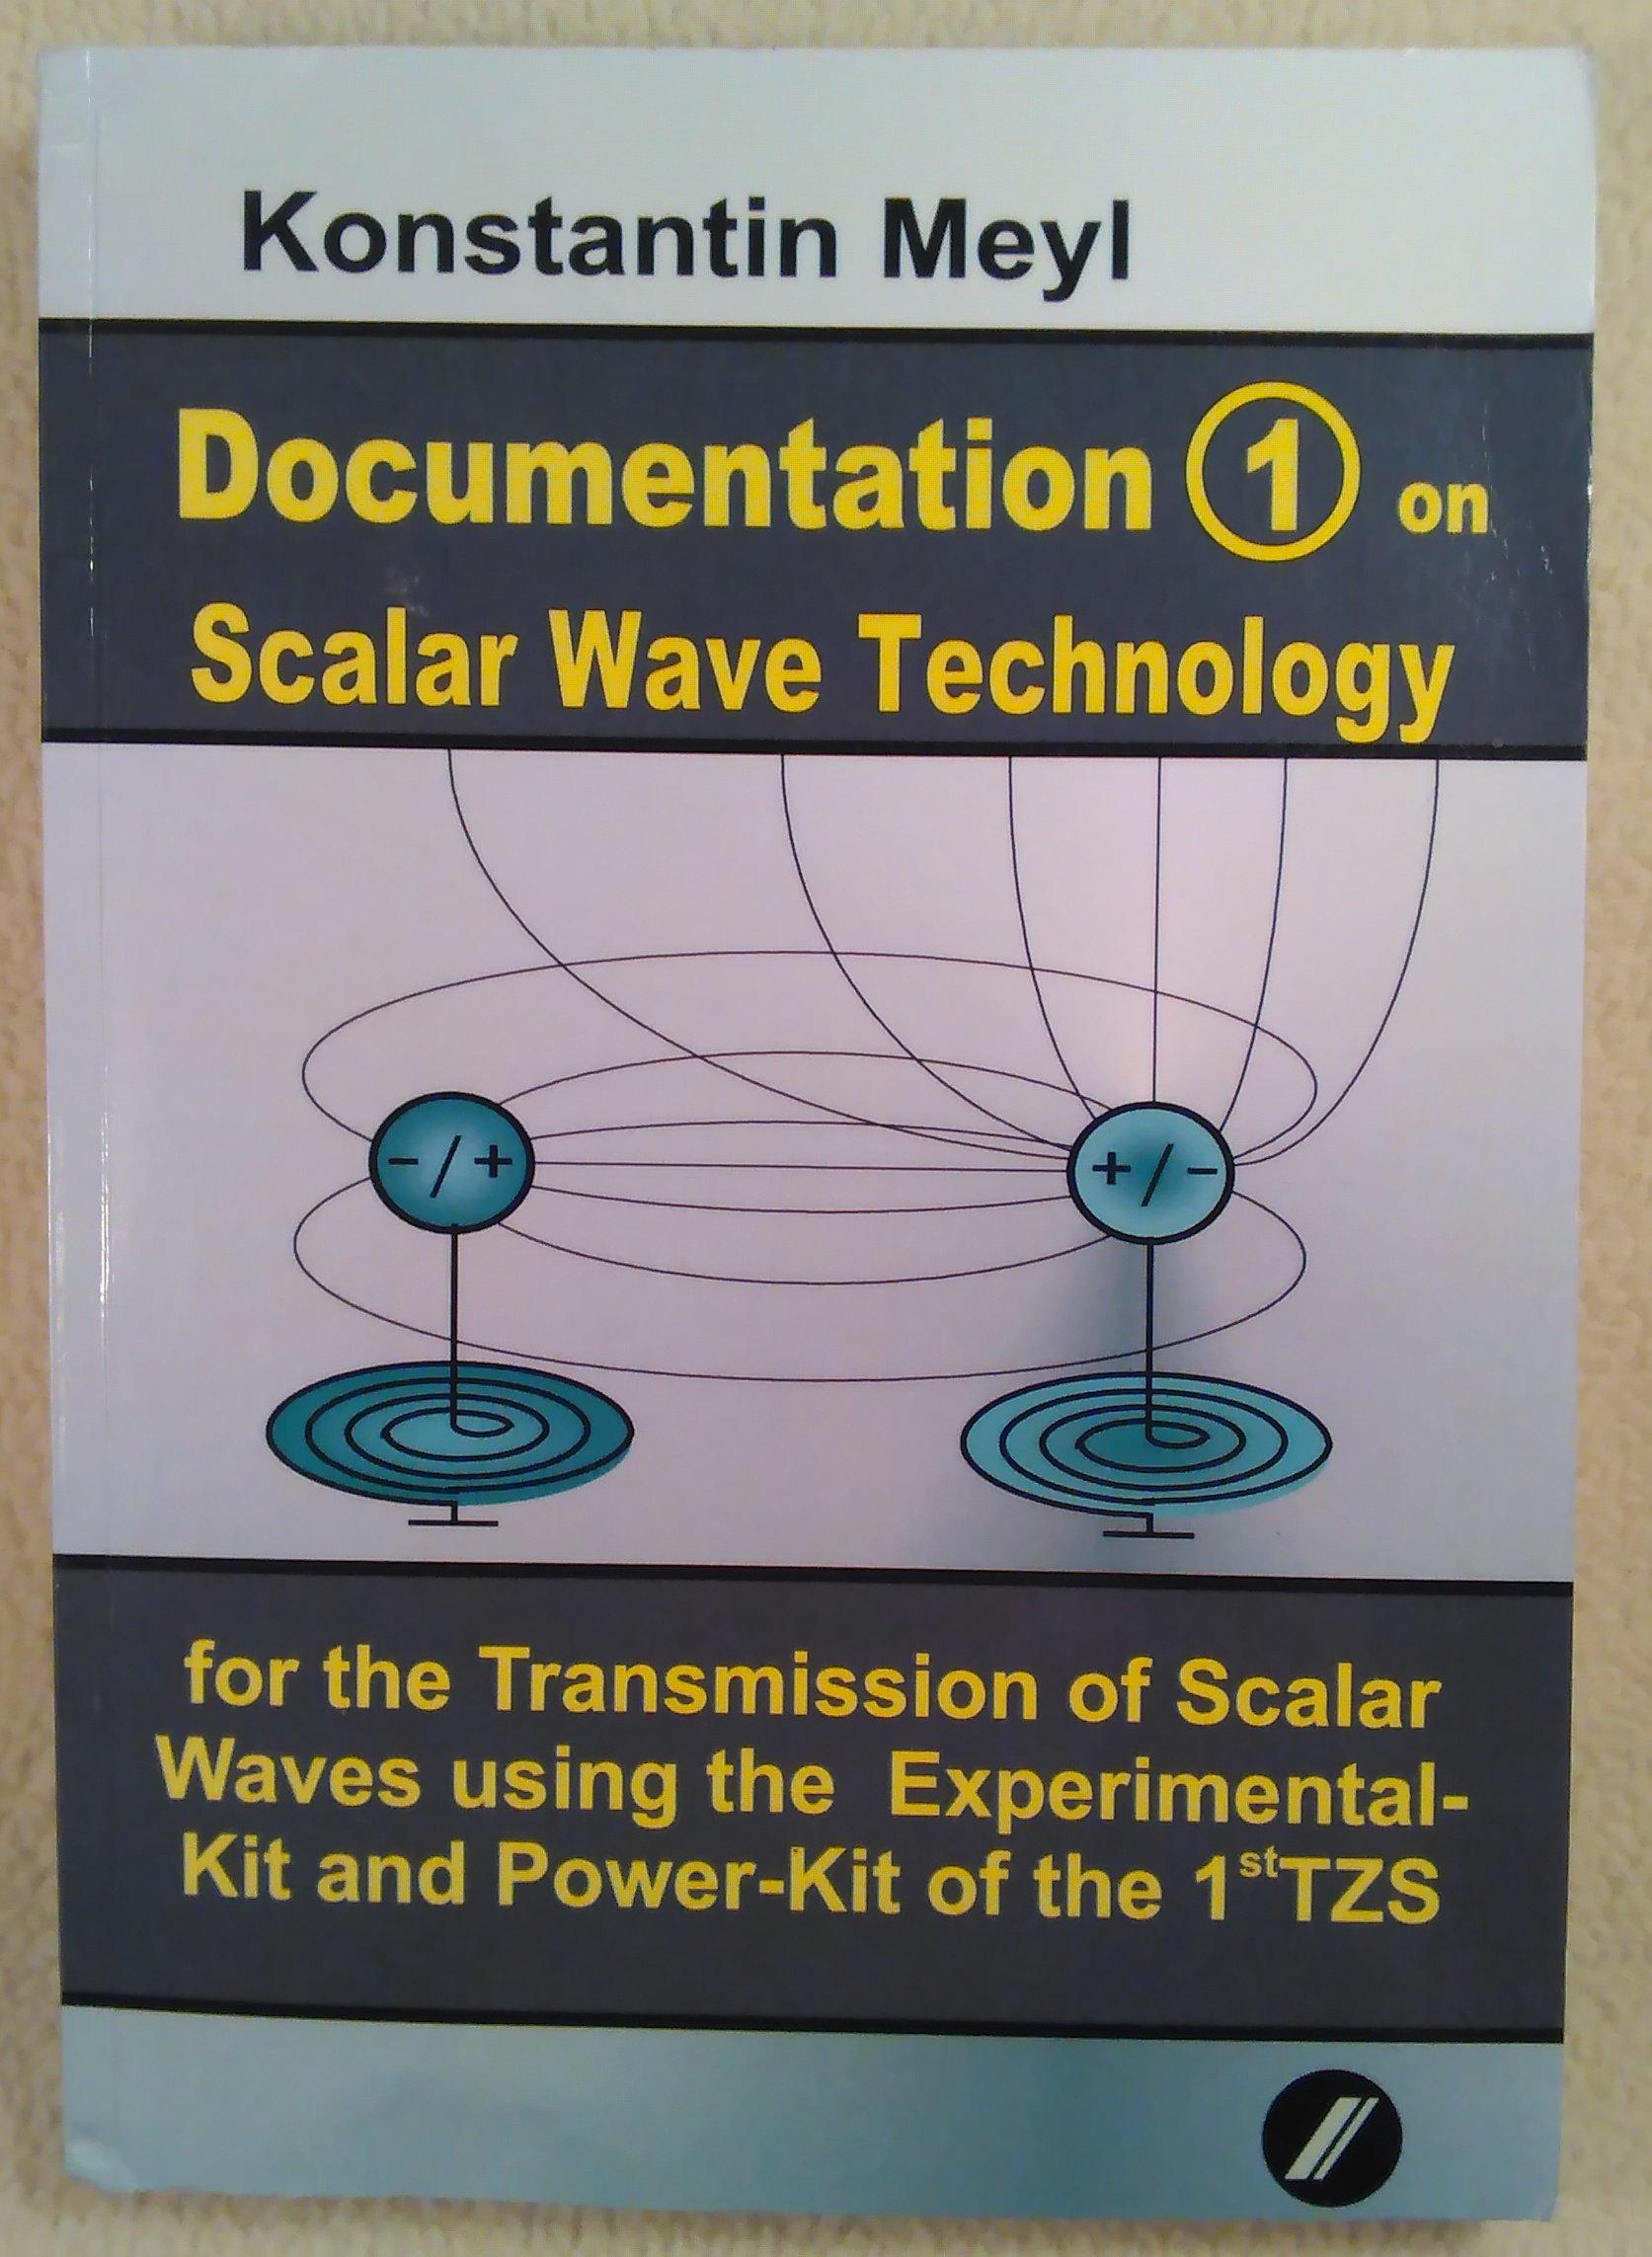 Documentation 1 on Scalar Wave Technology, 1st English